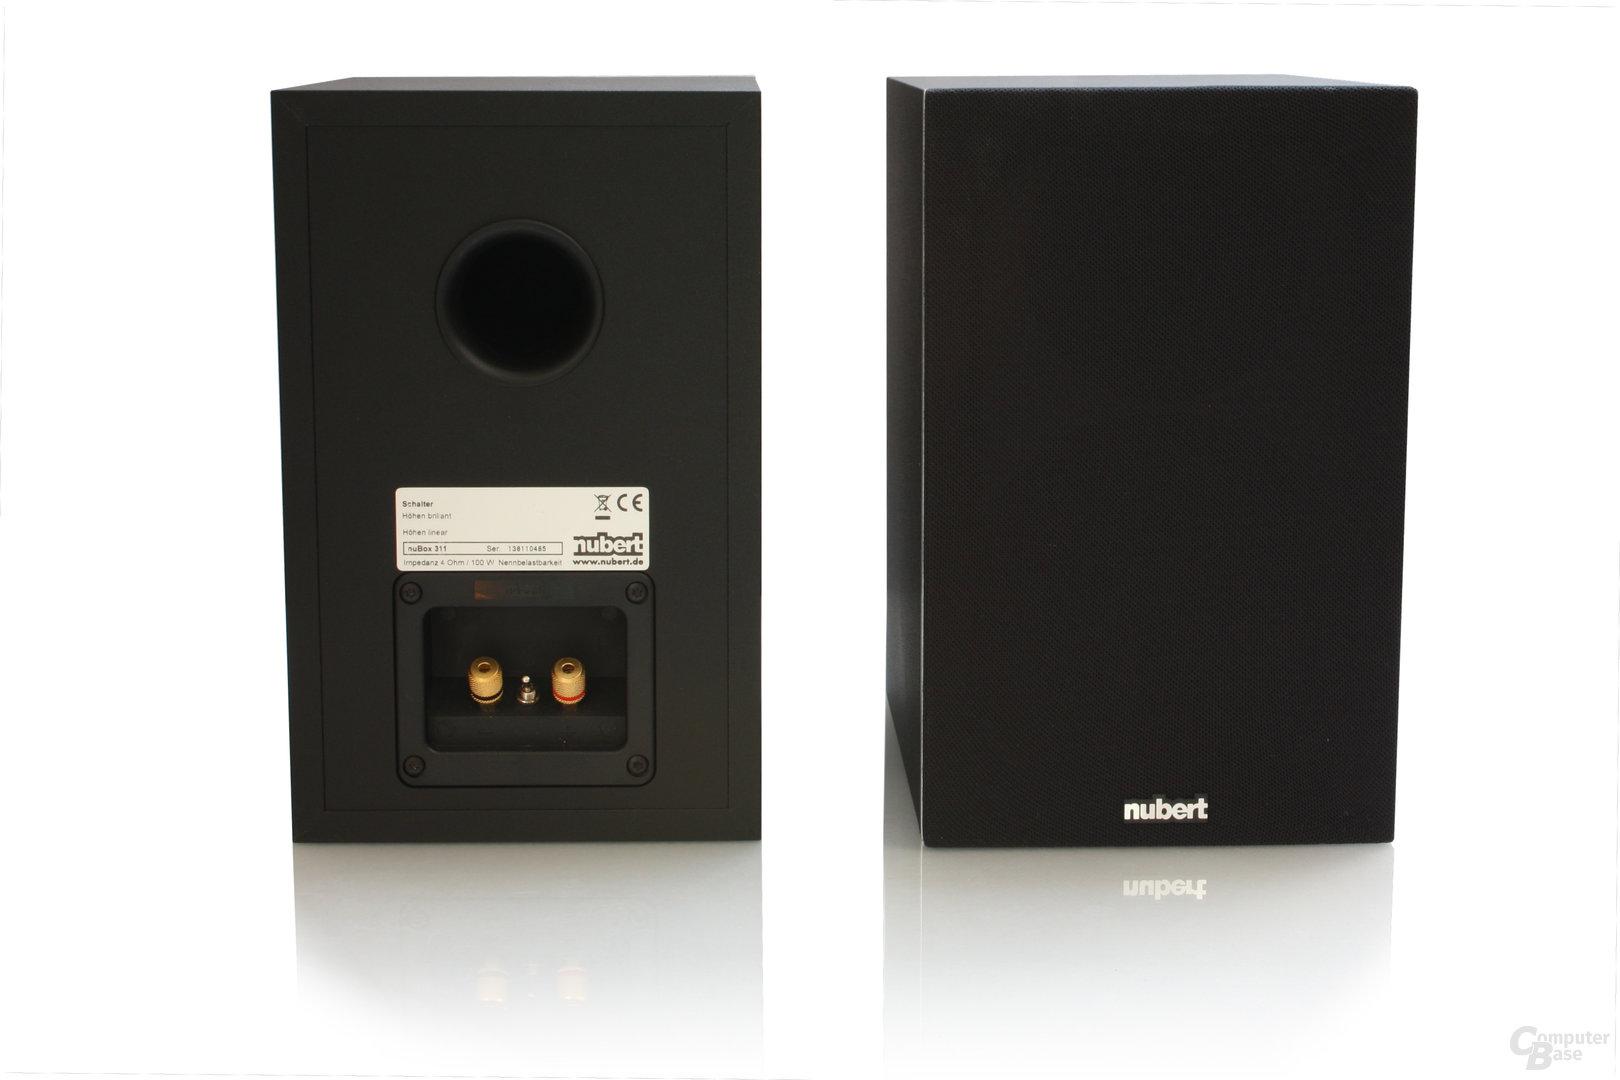 Vorder- und Rückseite der Nubert nubox 311